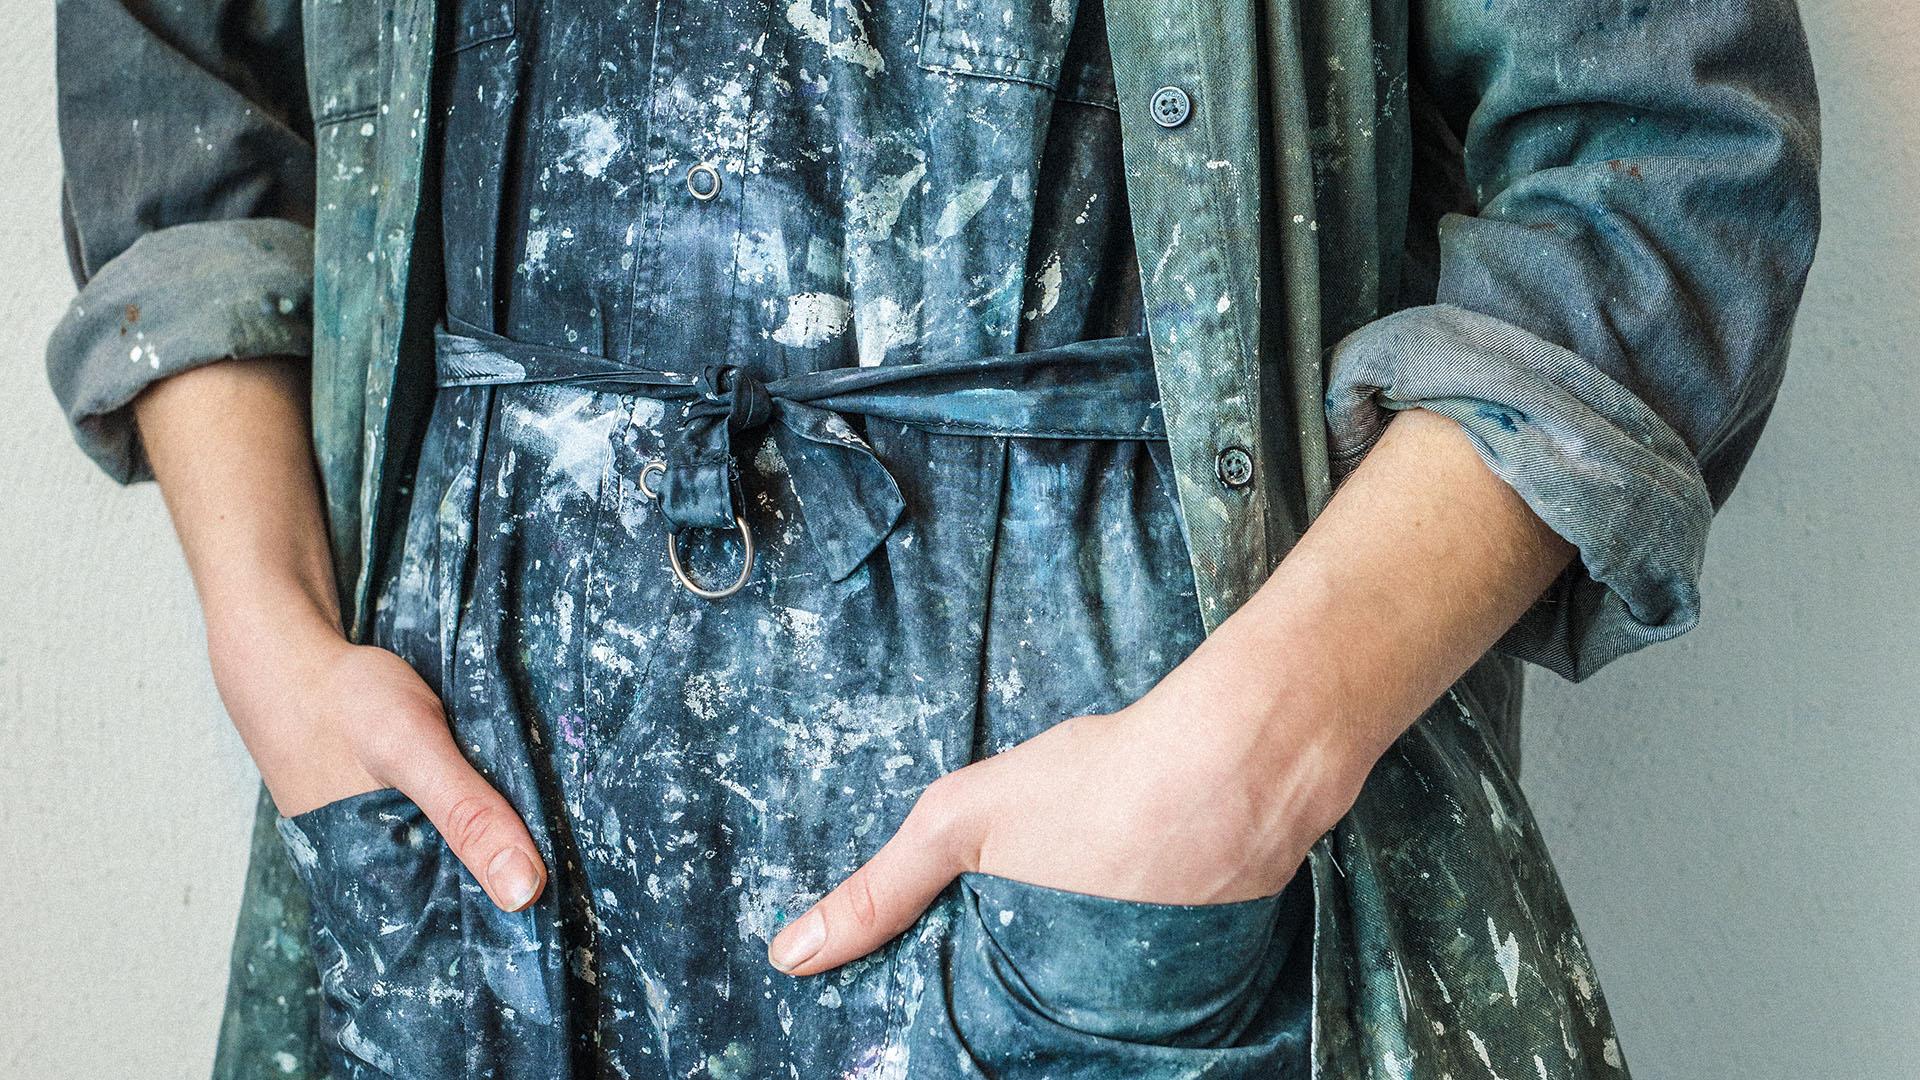 Lähikuva käsistä maalitahraisen esiliinan taskuissa.